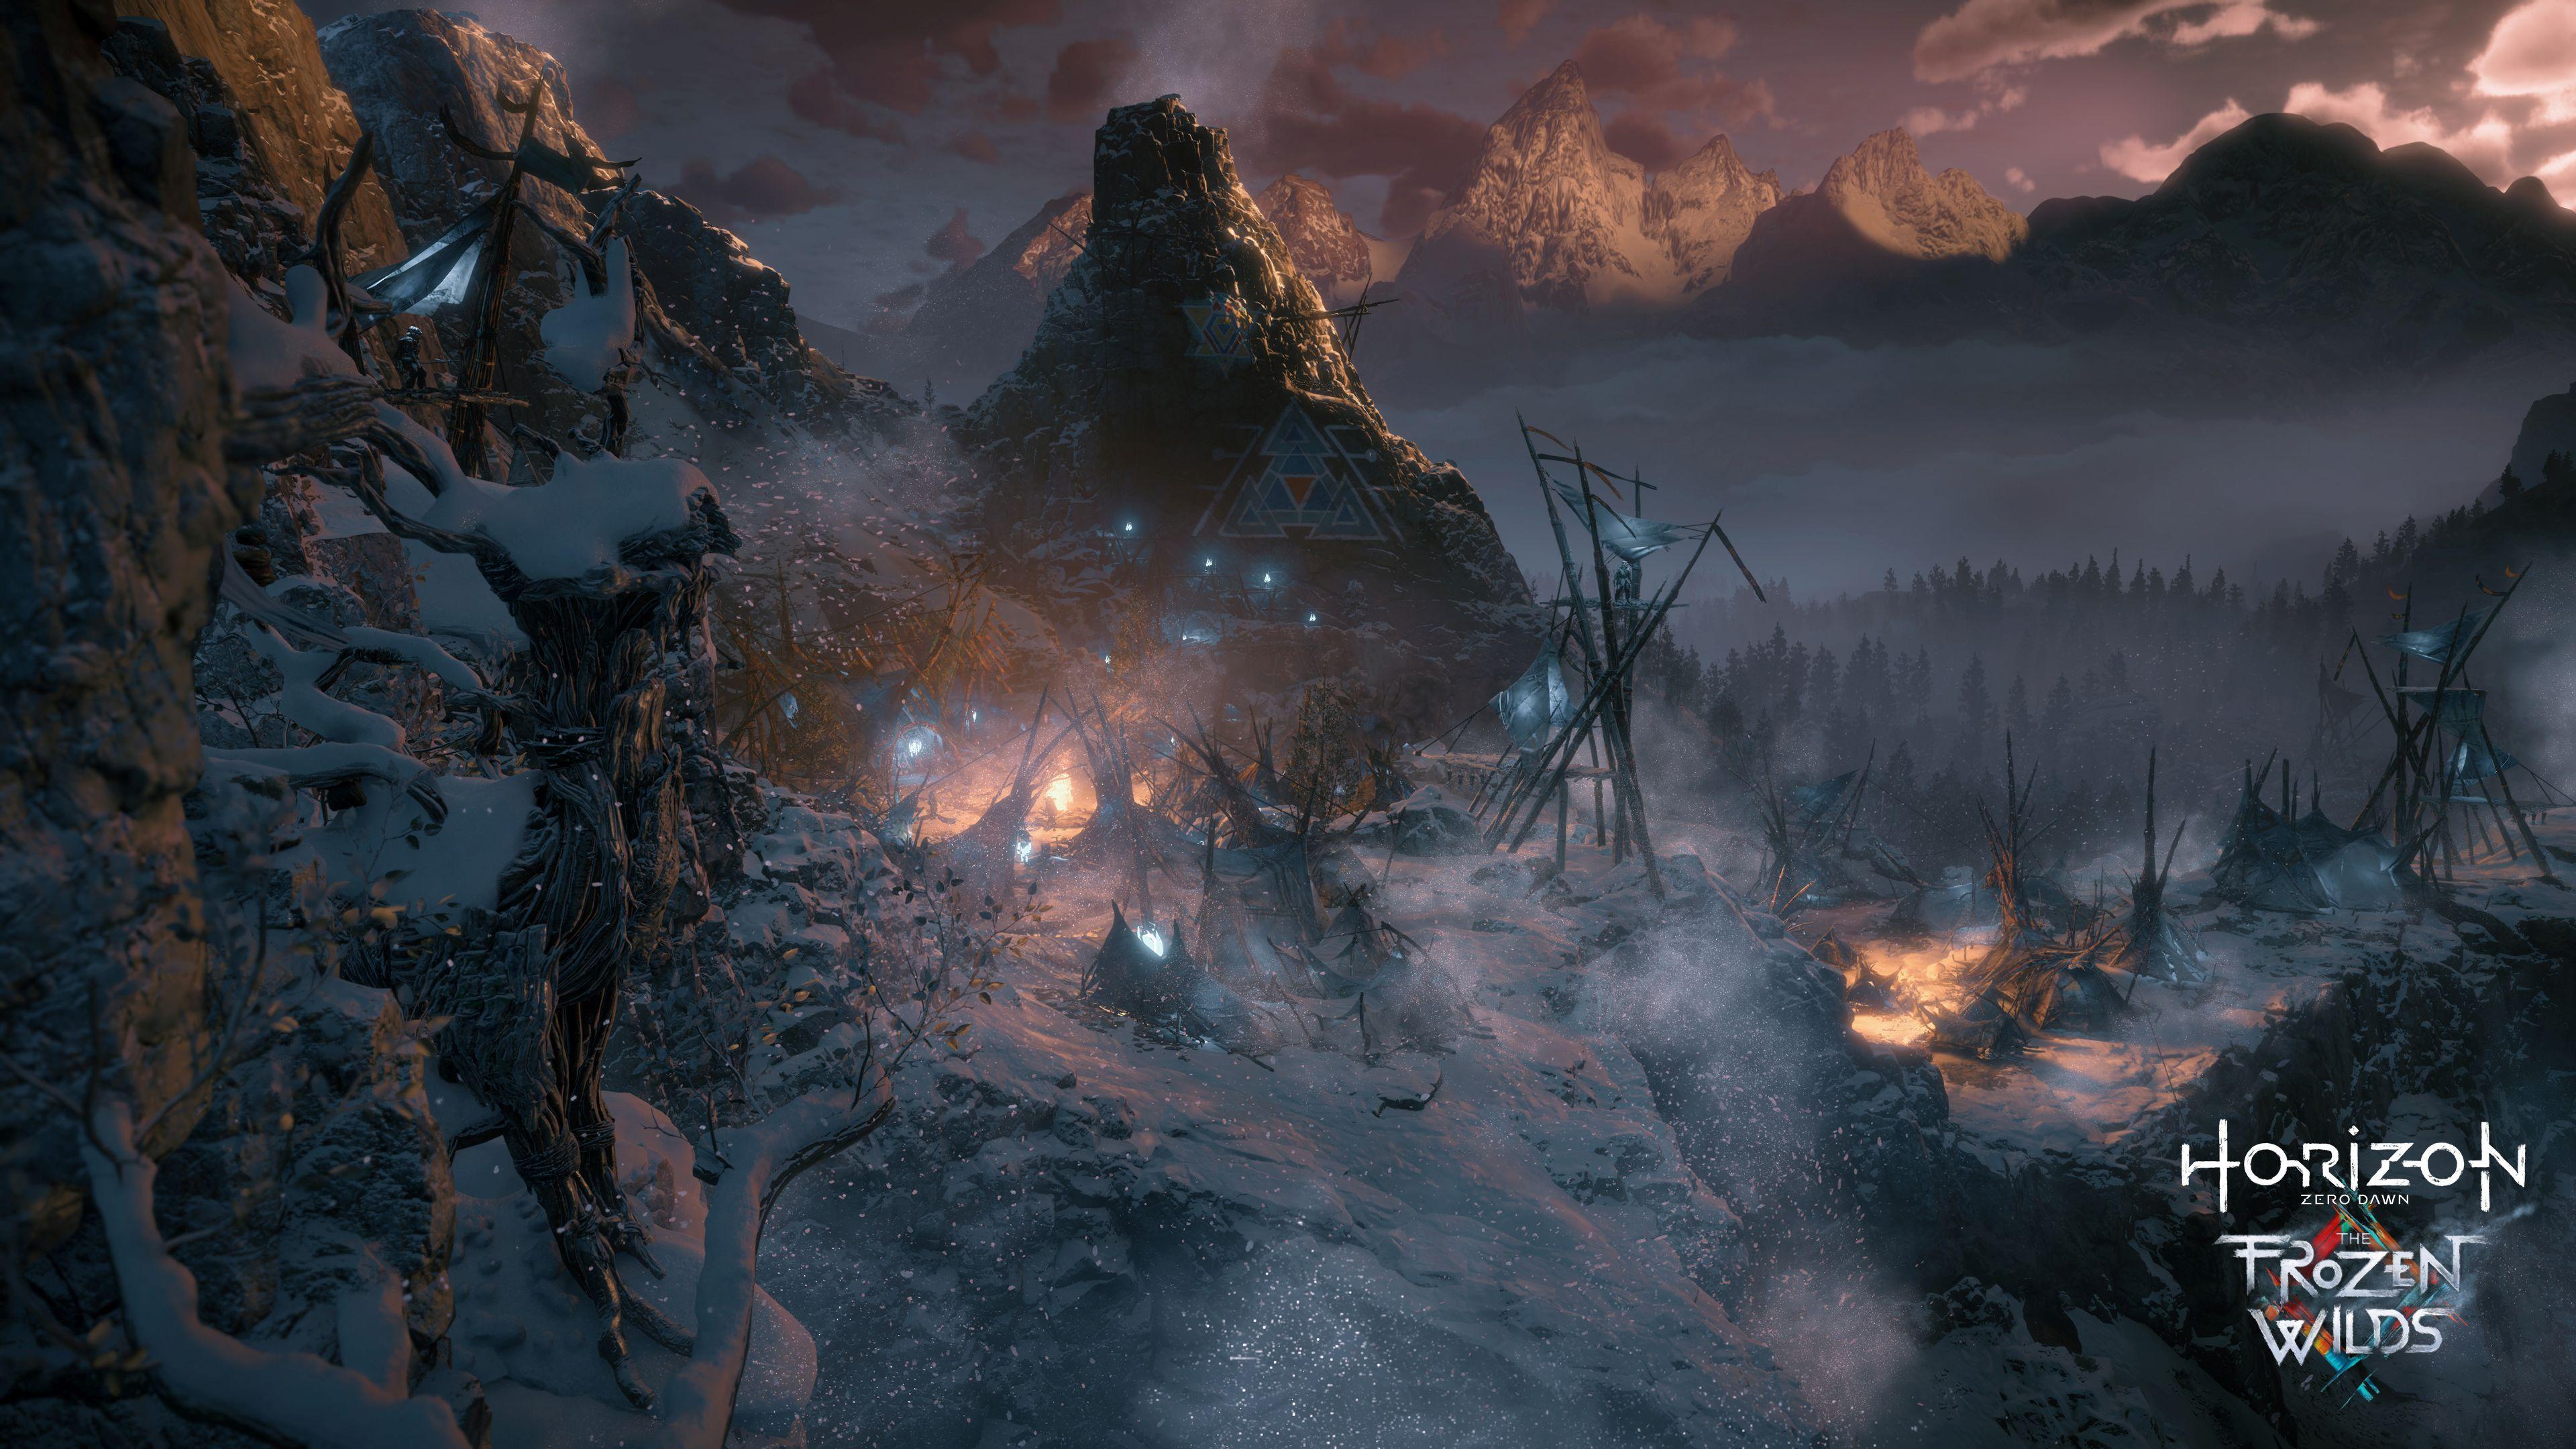 Horizon Zero Dawn se letos dočká příběhového rozšíření The Frozen Wilds 145999